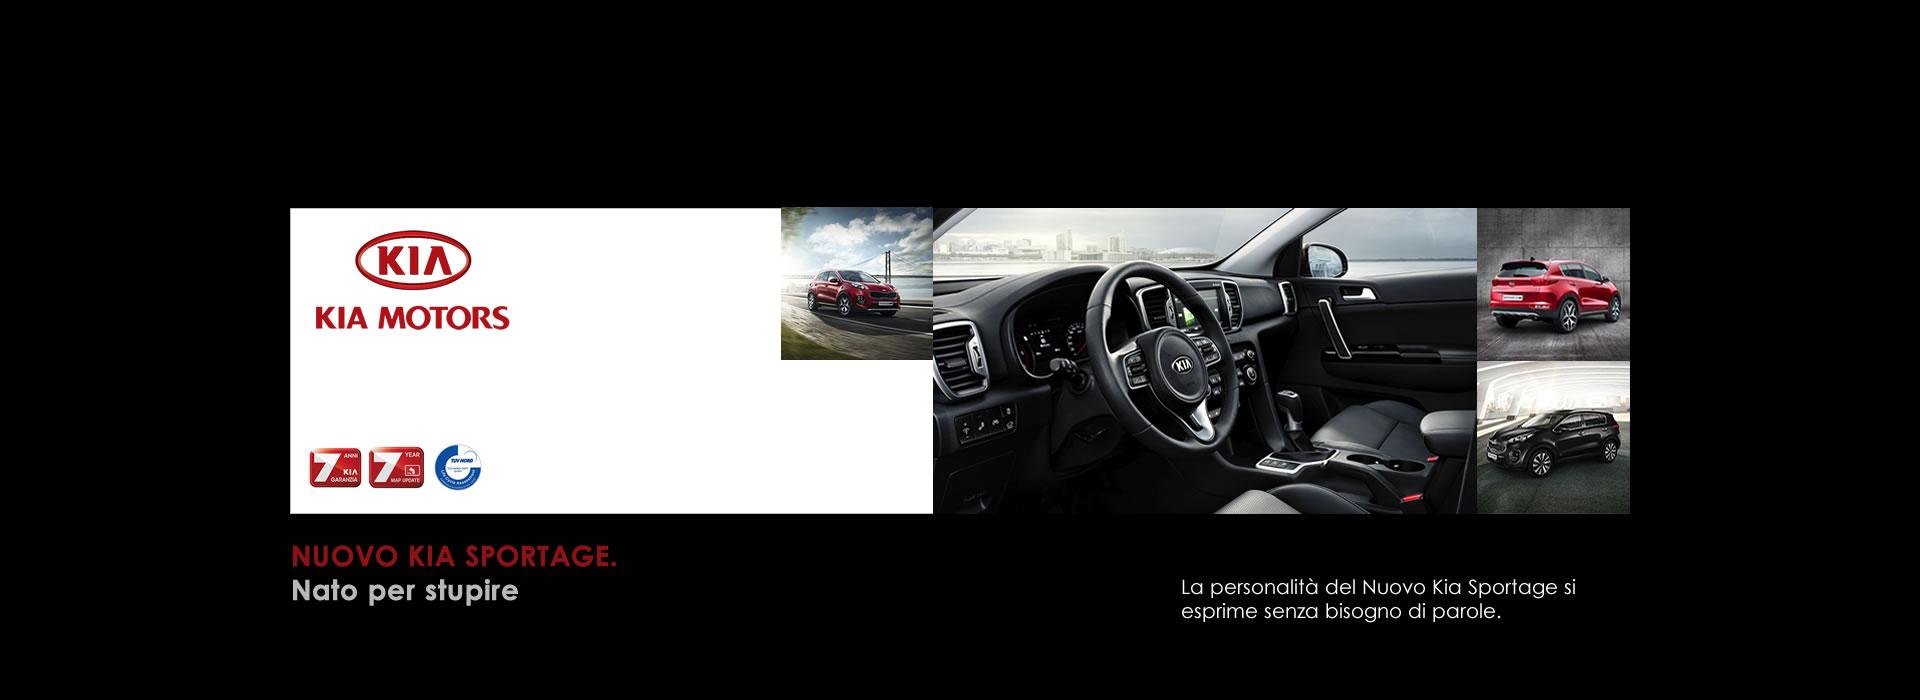 Concessionaria_Tamburini_Auto_Kia_Auto